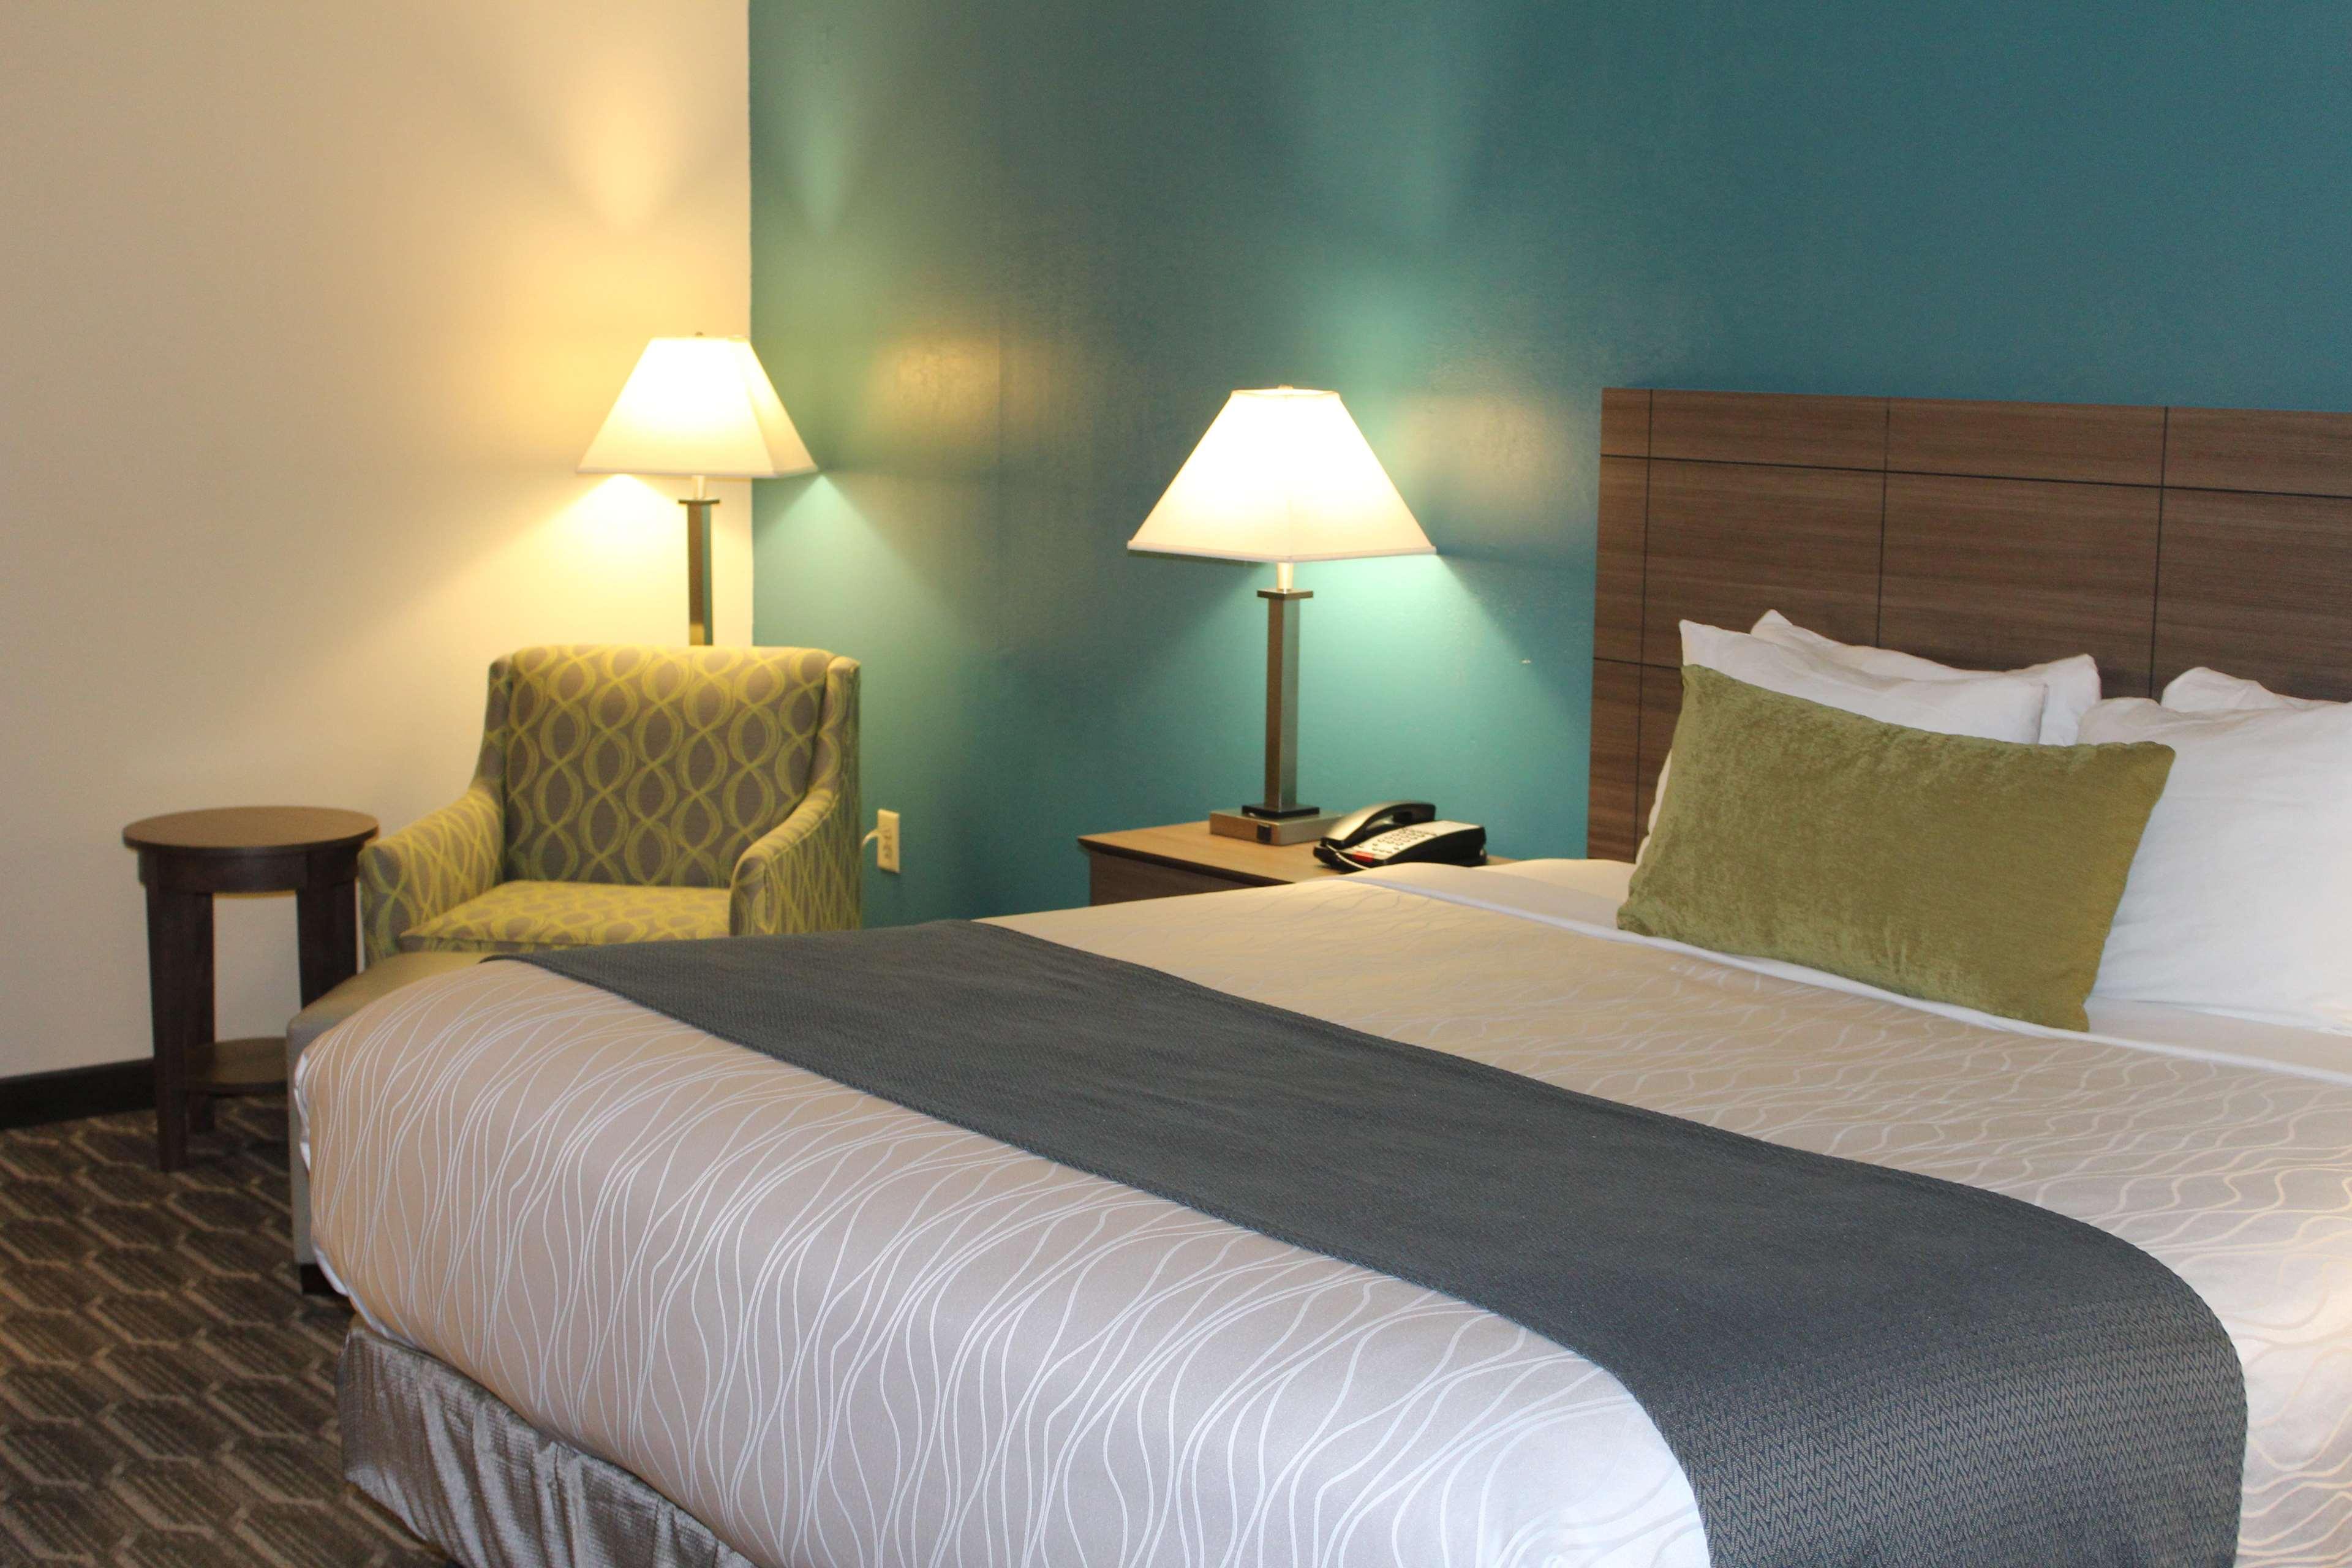 Best Western Plus Yadkin Valley Inn & Suites image 20